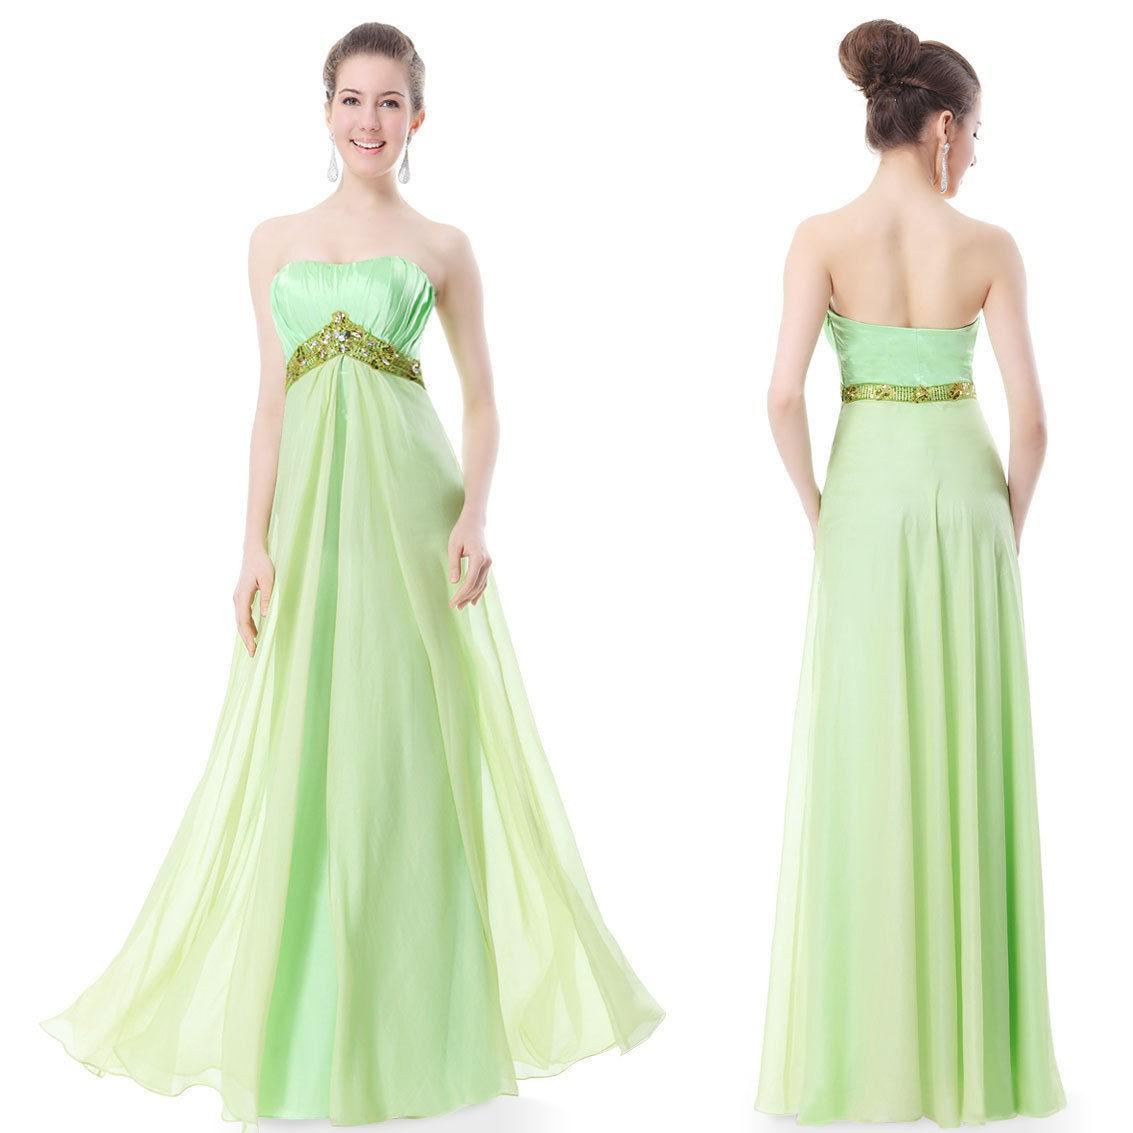 16e6ed124274 Plesové šaty - výprodej 2019 - pořiďte si levné plesové šaty na ples ...